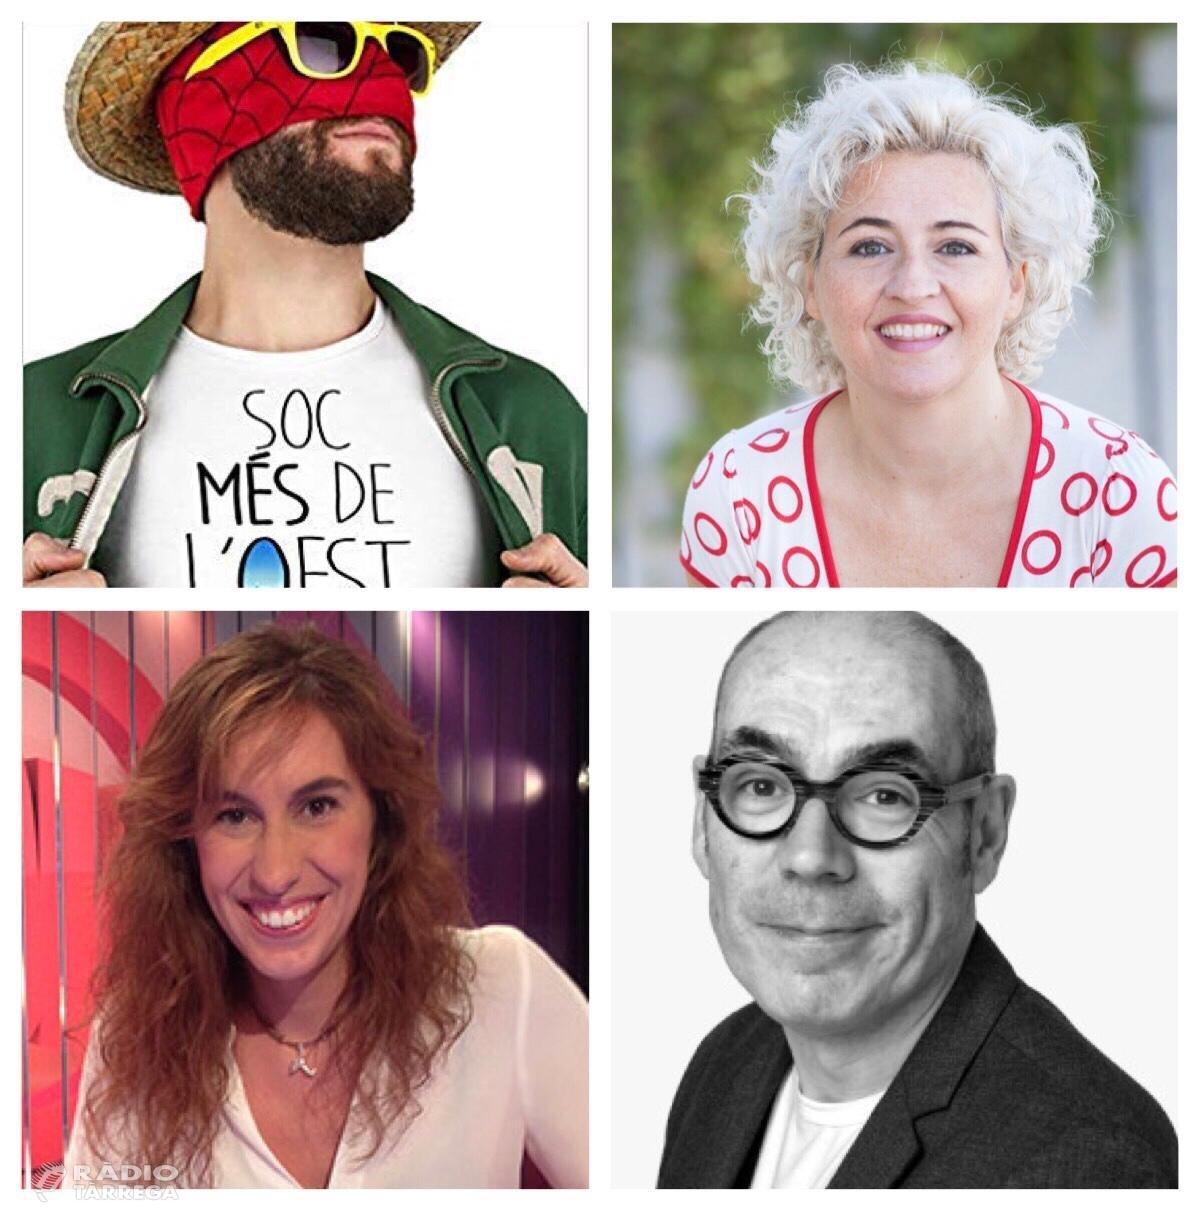 El Sr. Postu, Iu Forn, Dolors Boatella i Esther Gimeno debatran sobre els límits de l'humor a 'Lo Memefest' de Tàrrega